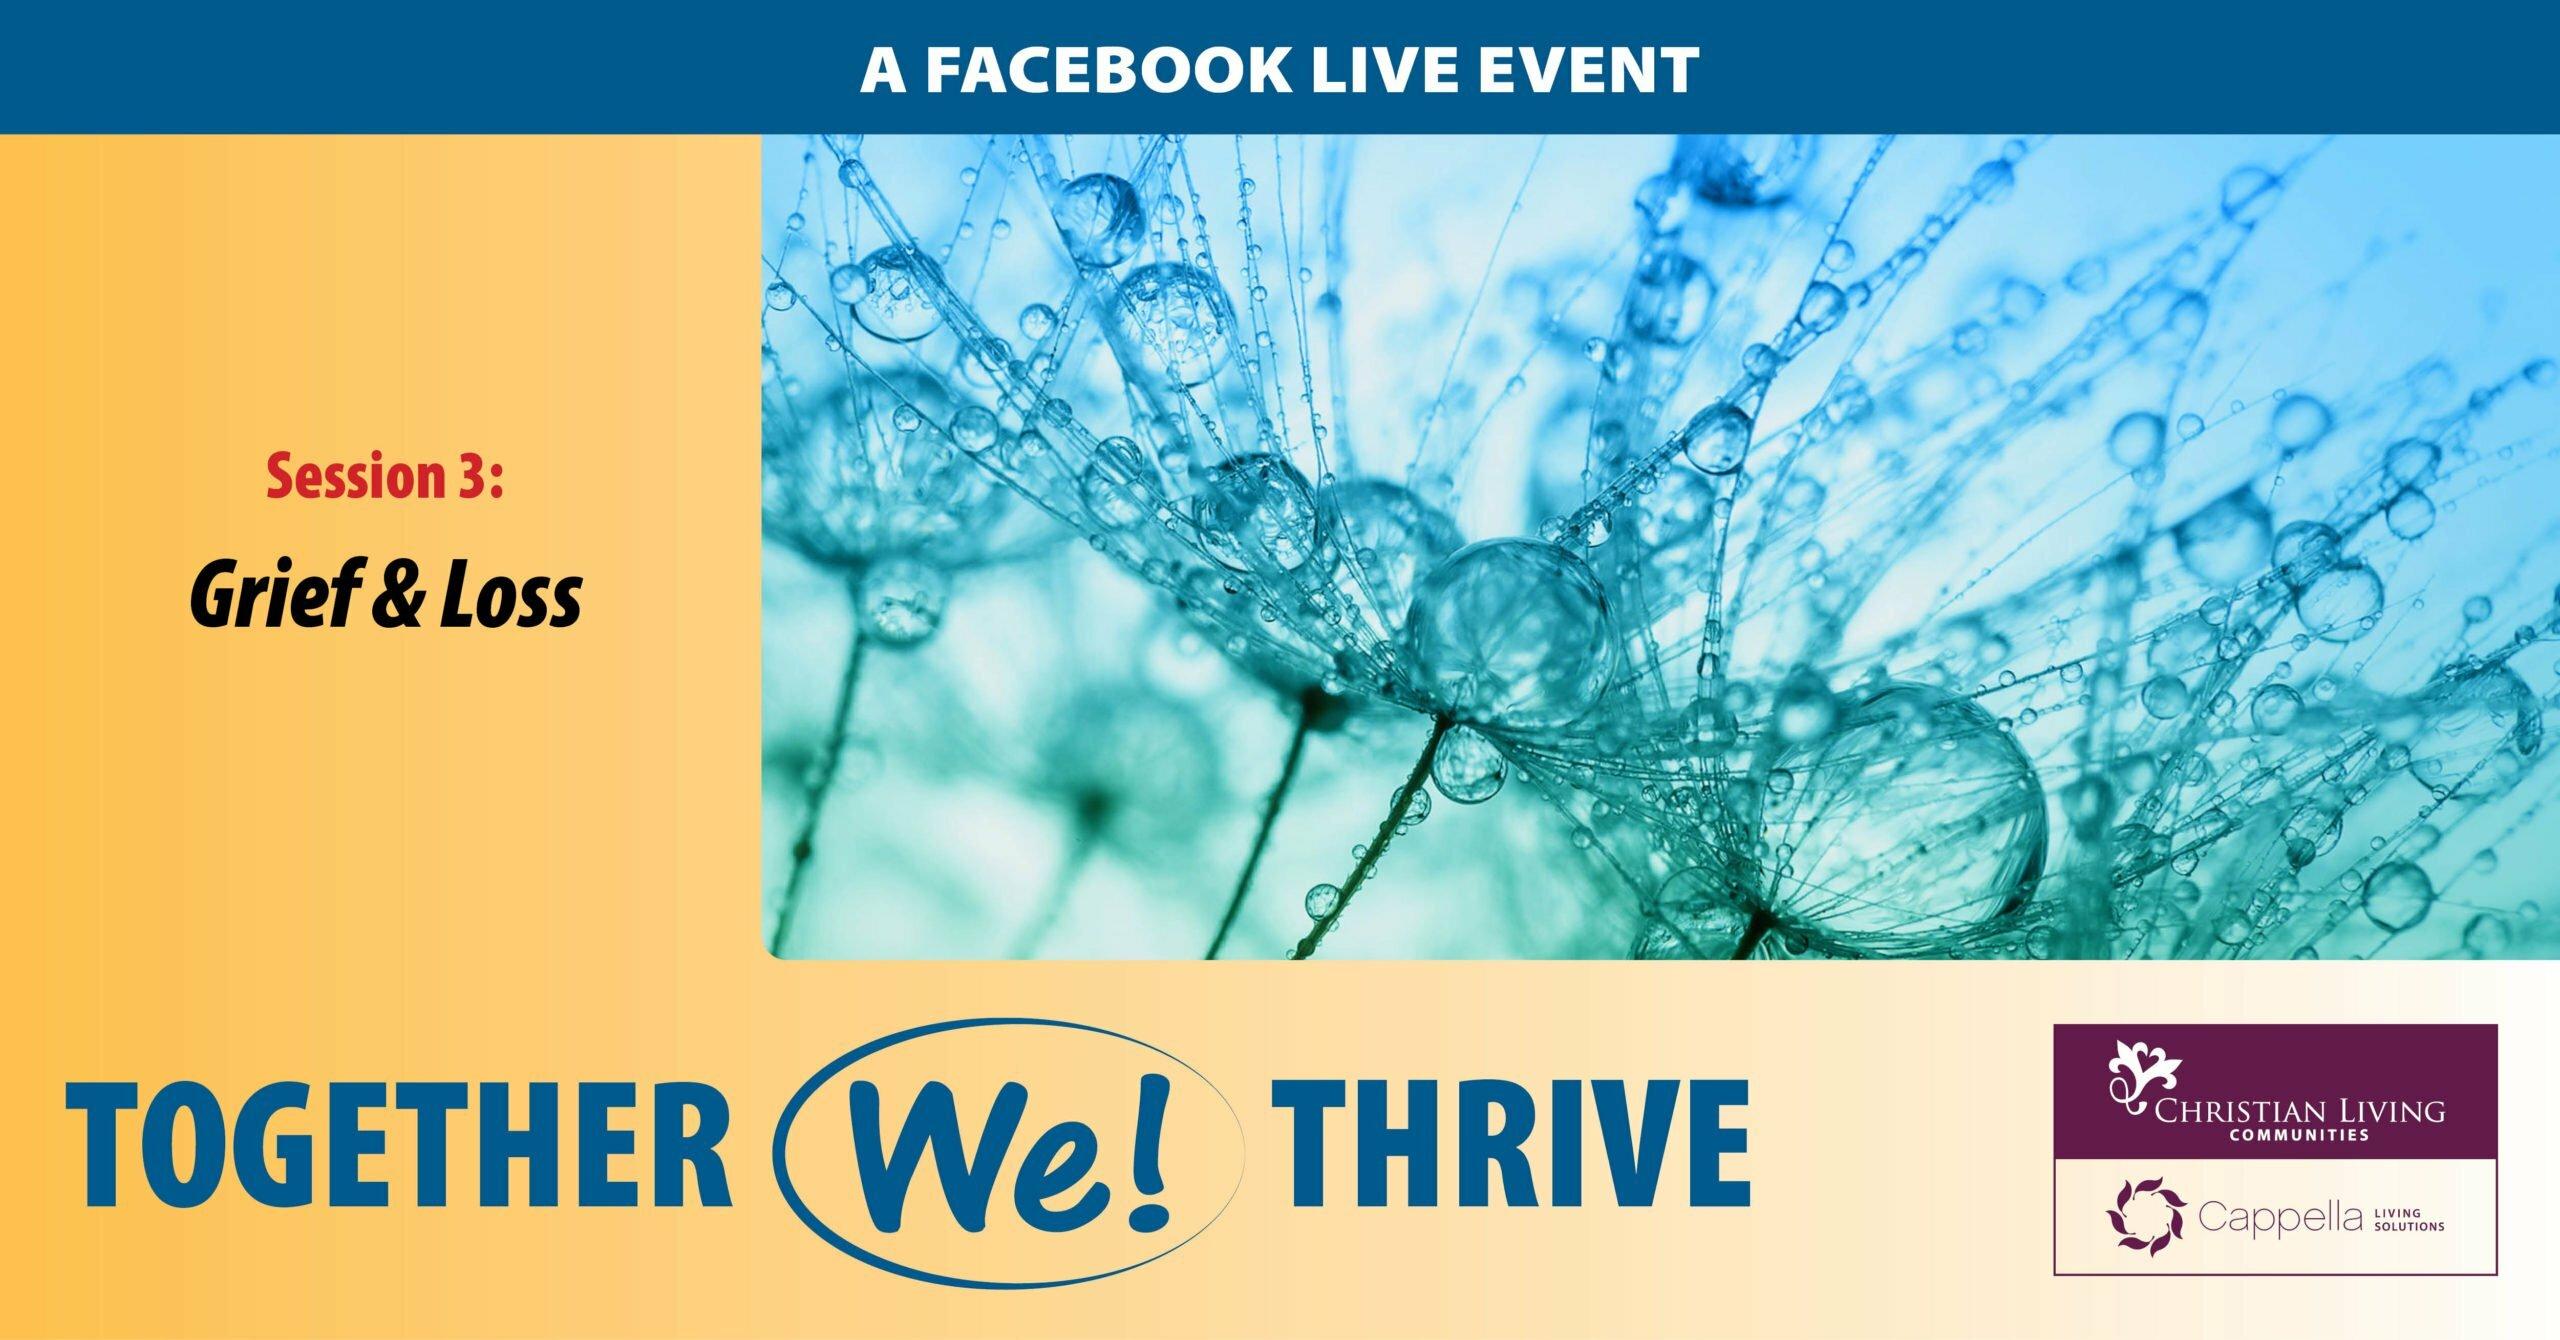 together we thrive facebook event